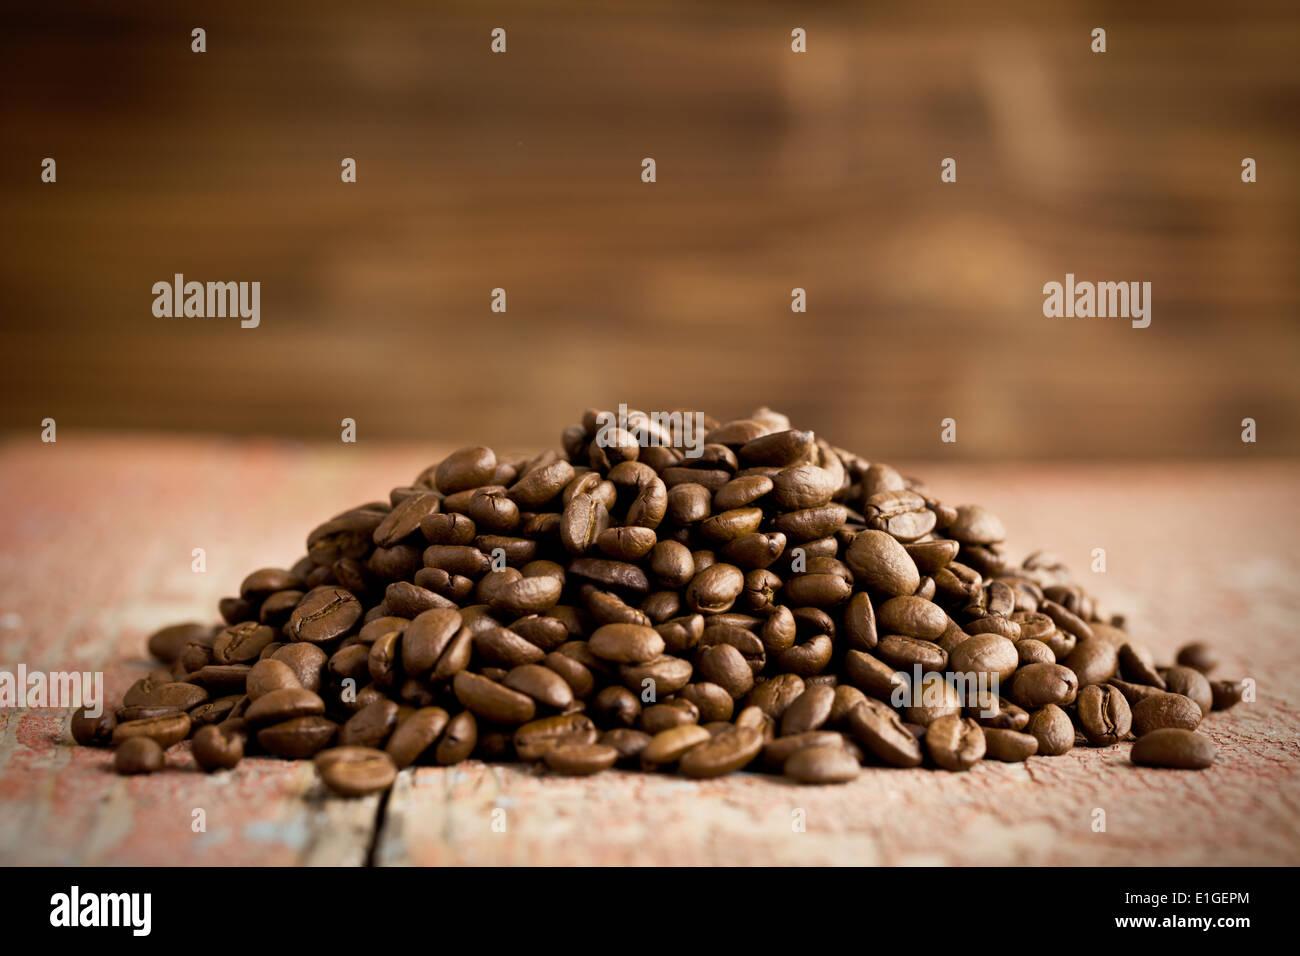 El montón de café tostado en grano Imagen De Stock